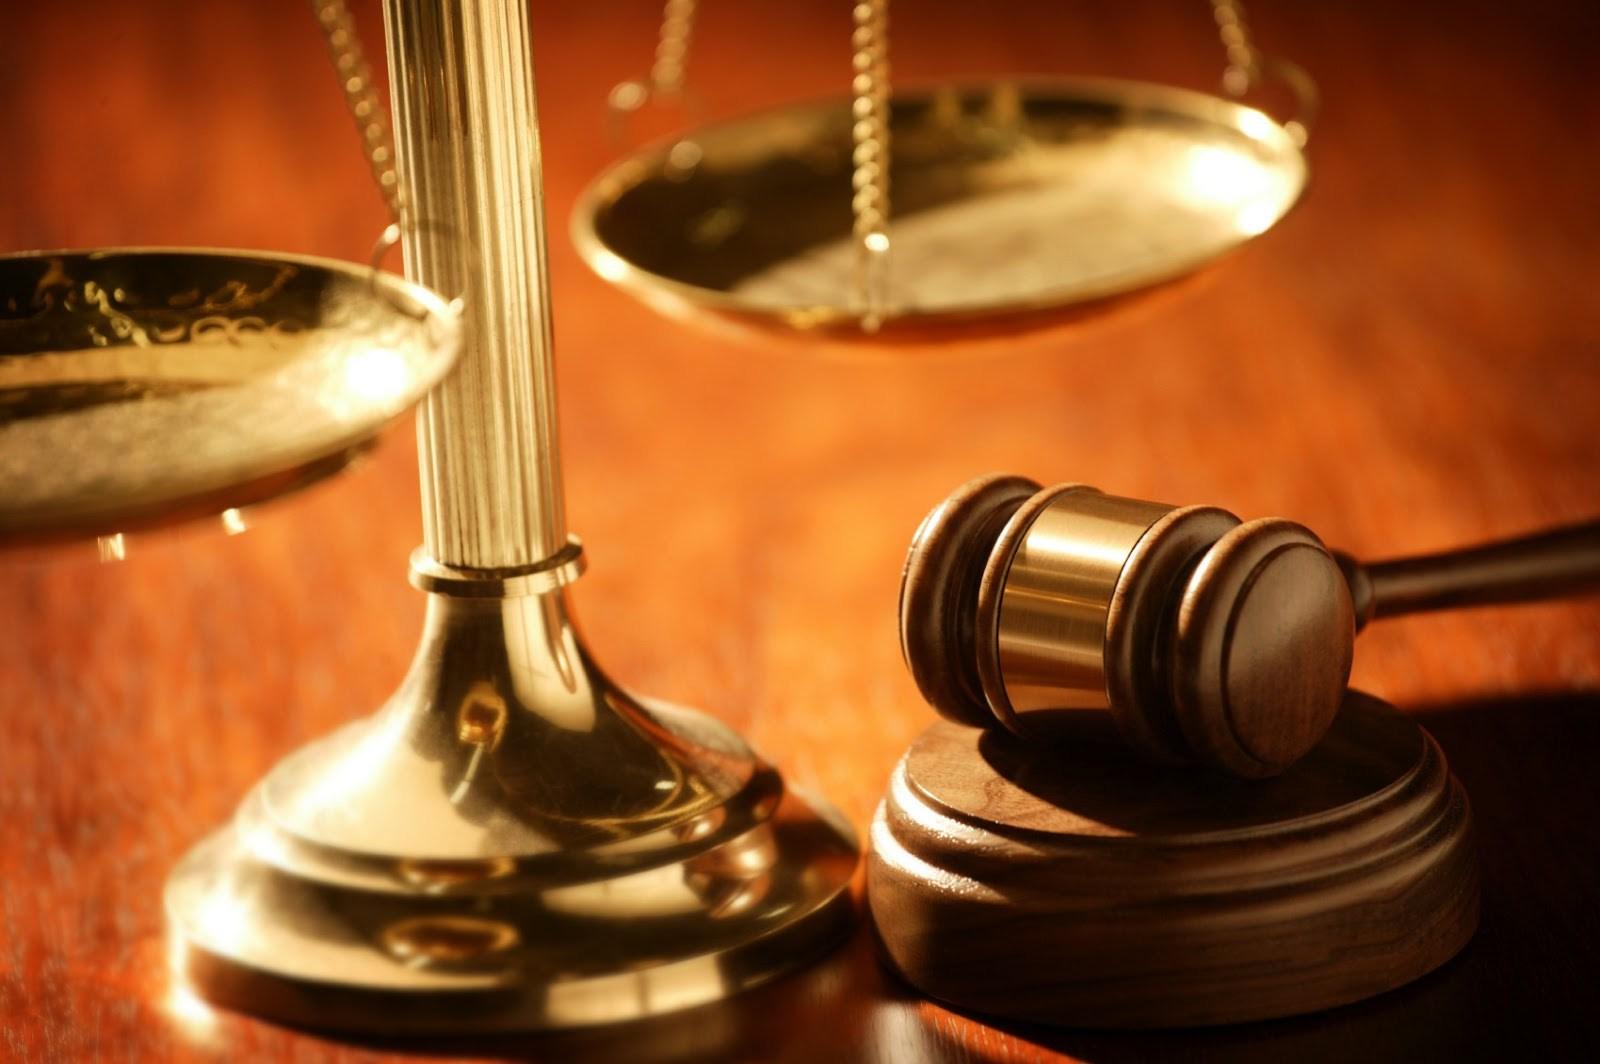 دولة آسيوية تقرر إلغاء عقوبة الإعدام